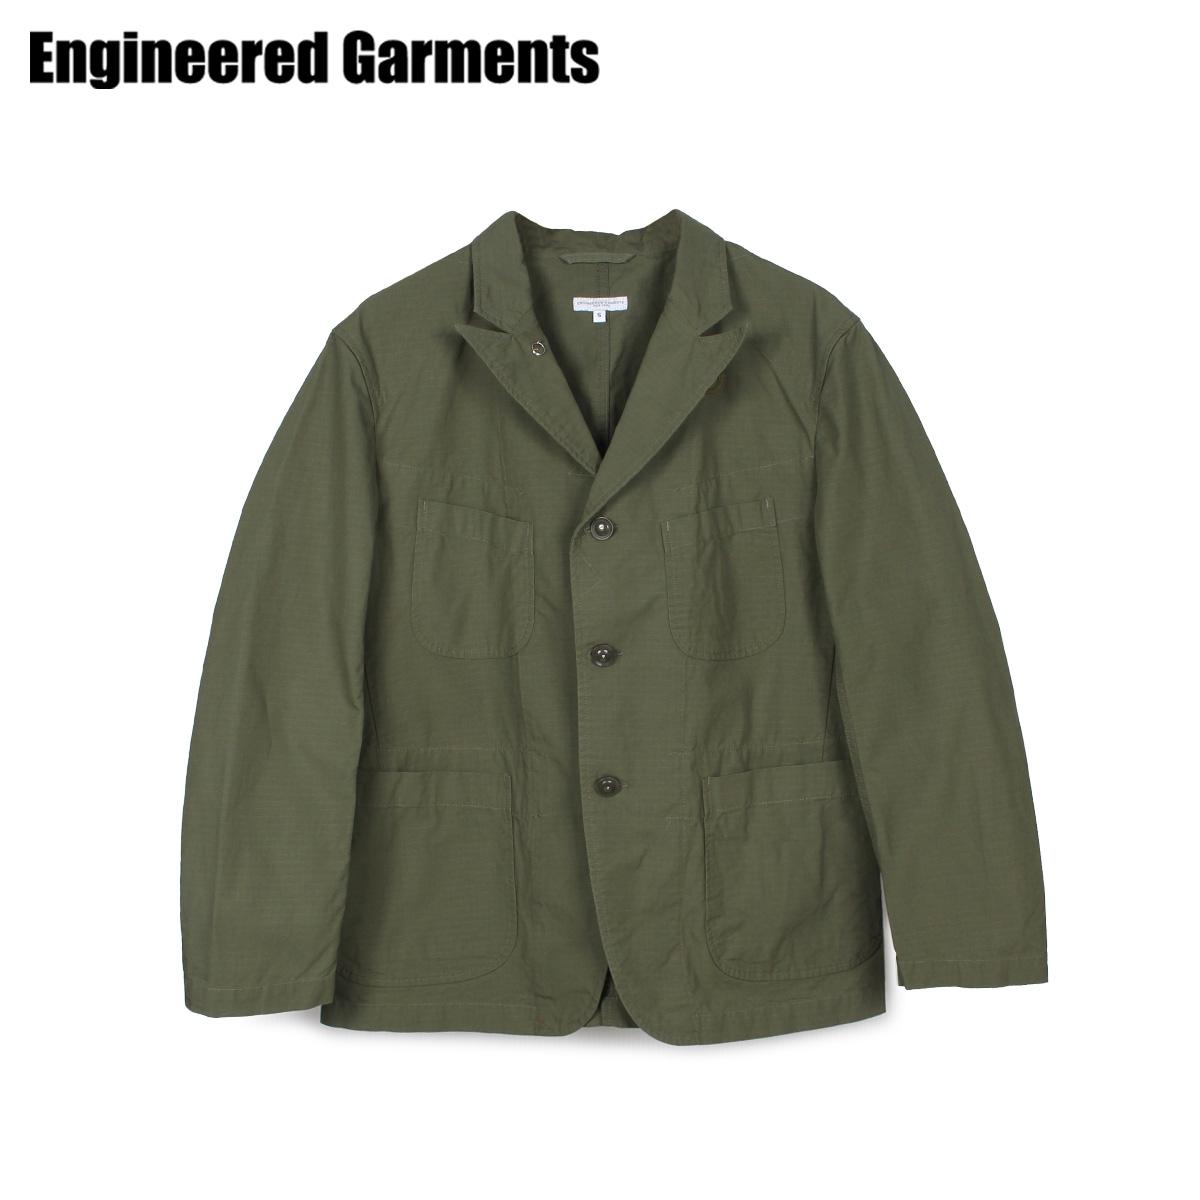 【最大2000円OFFクーポン】 エンジニアドガーメンツ ENGINEERED GARMENTS ベッドフォードジャケット ジャケット メンズ BEDFORD JACKET オリーブ 20S1D005 [4/22 新入荷]